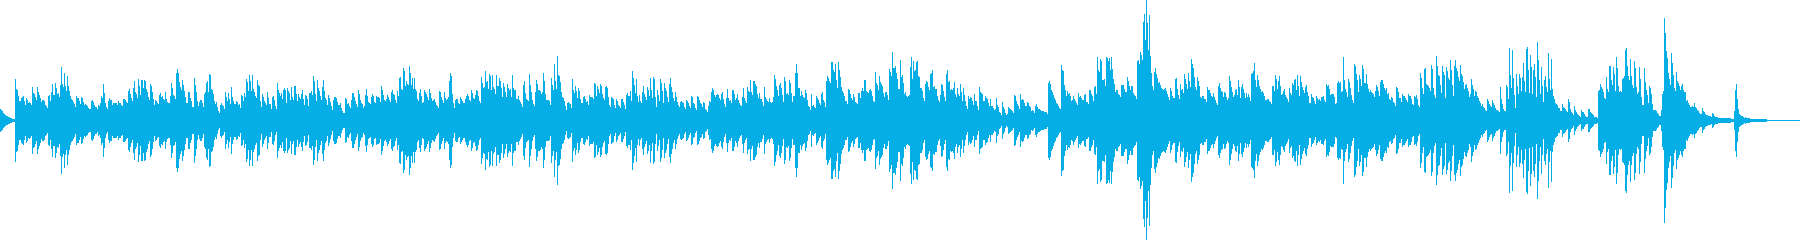 悲しみに暮れるピアノ曲(哀愁、切ない)の再生済みの波形